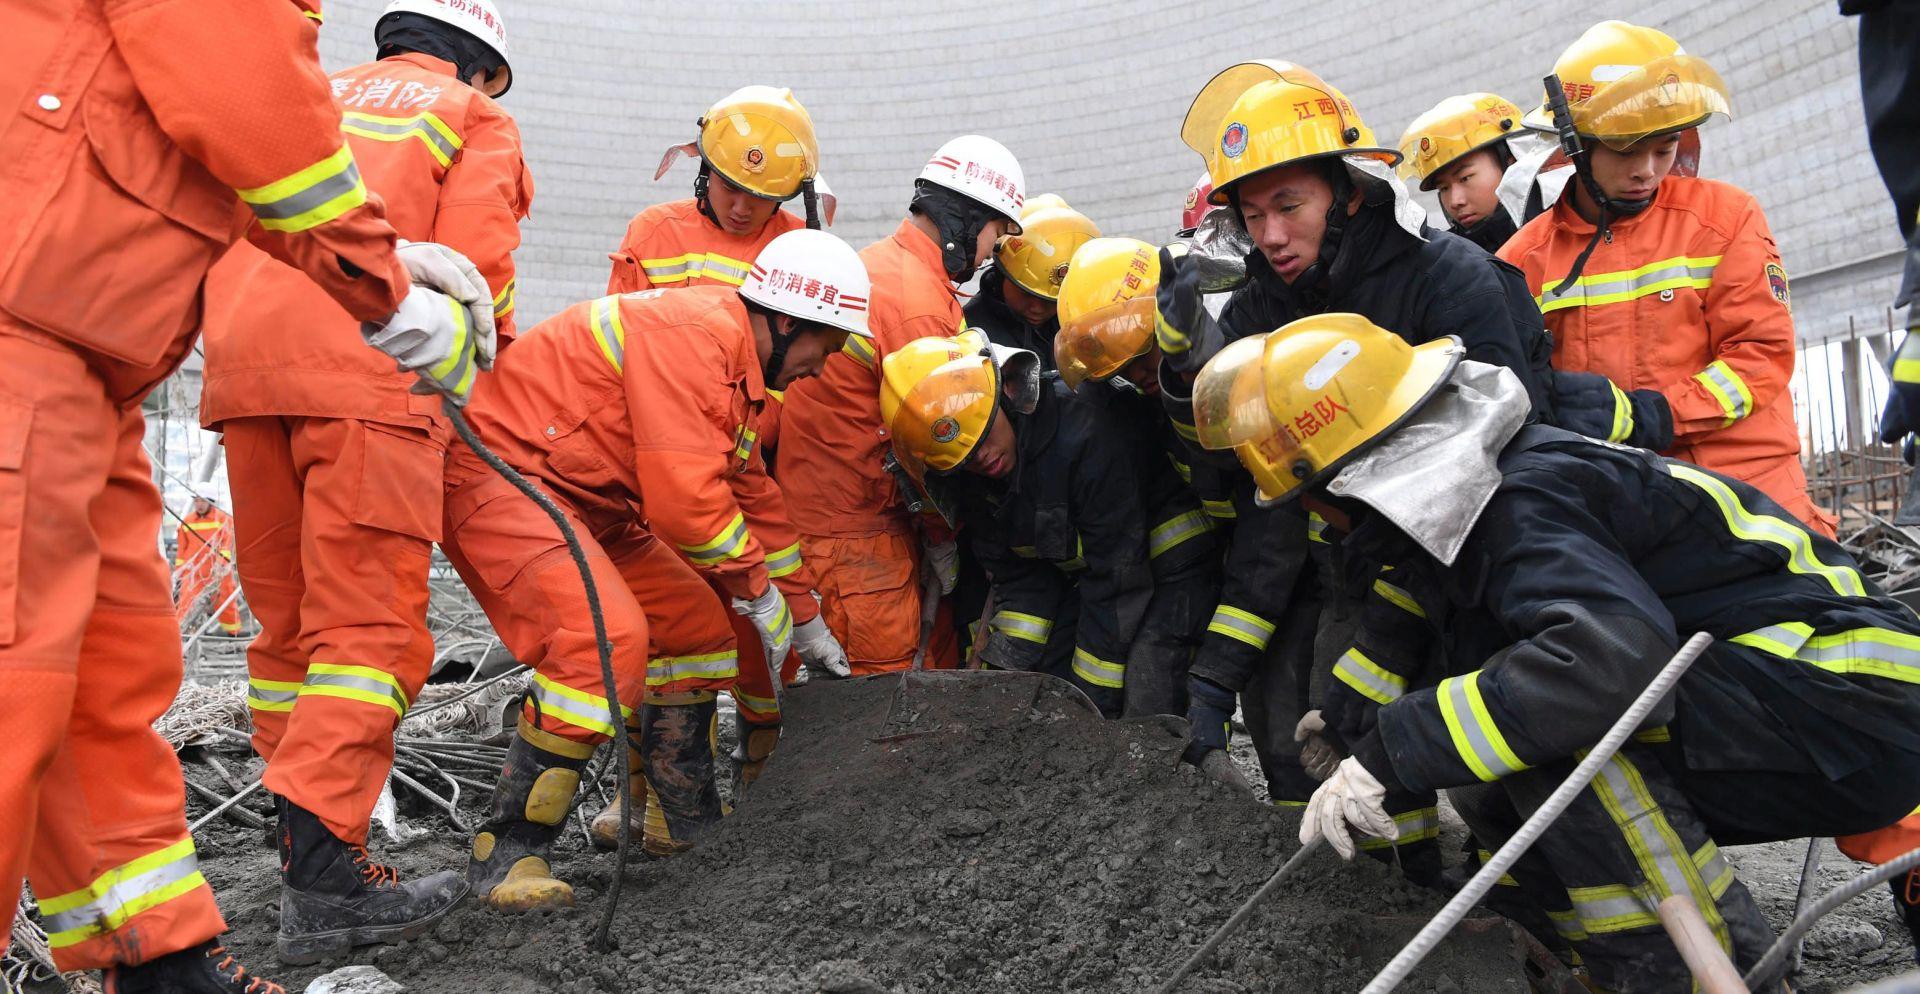 KINA Eksplozija plina u rudniku ugljena, najmanje 33 mrtvih